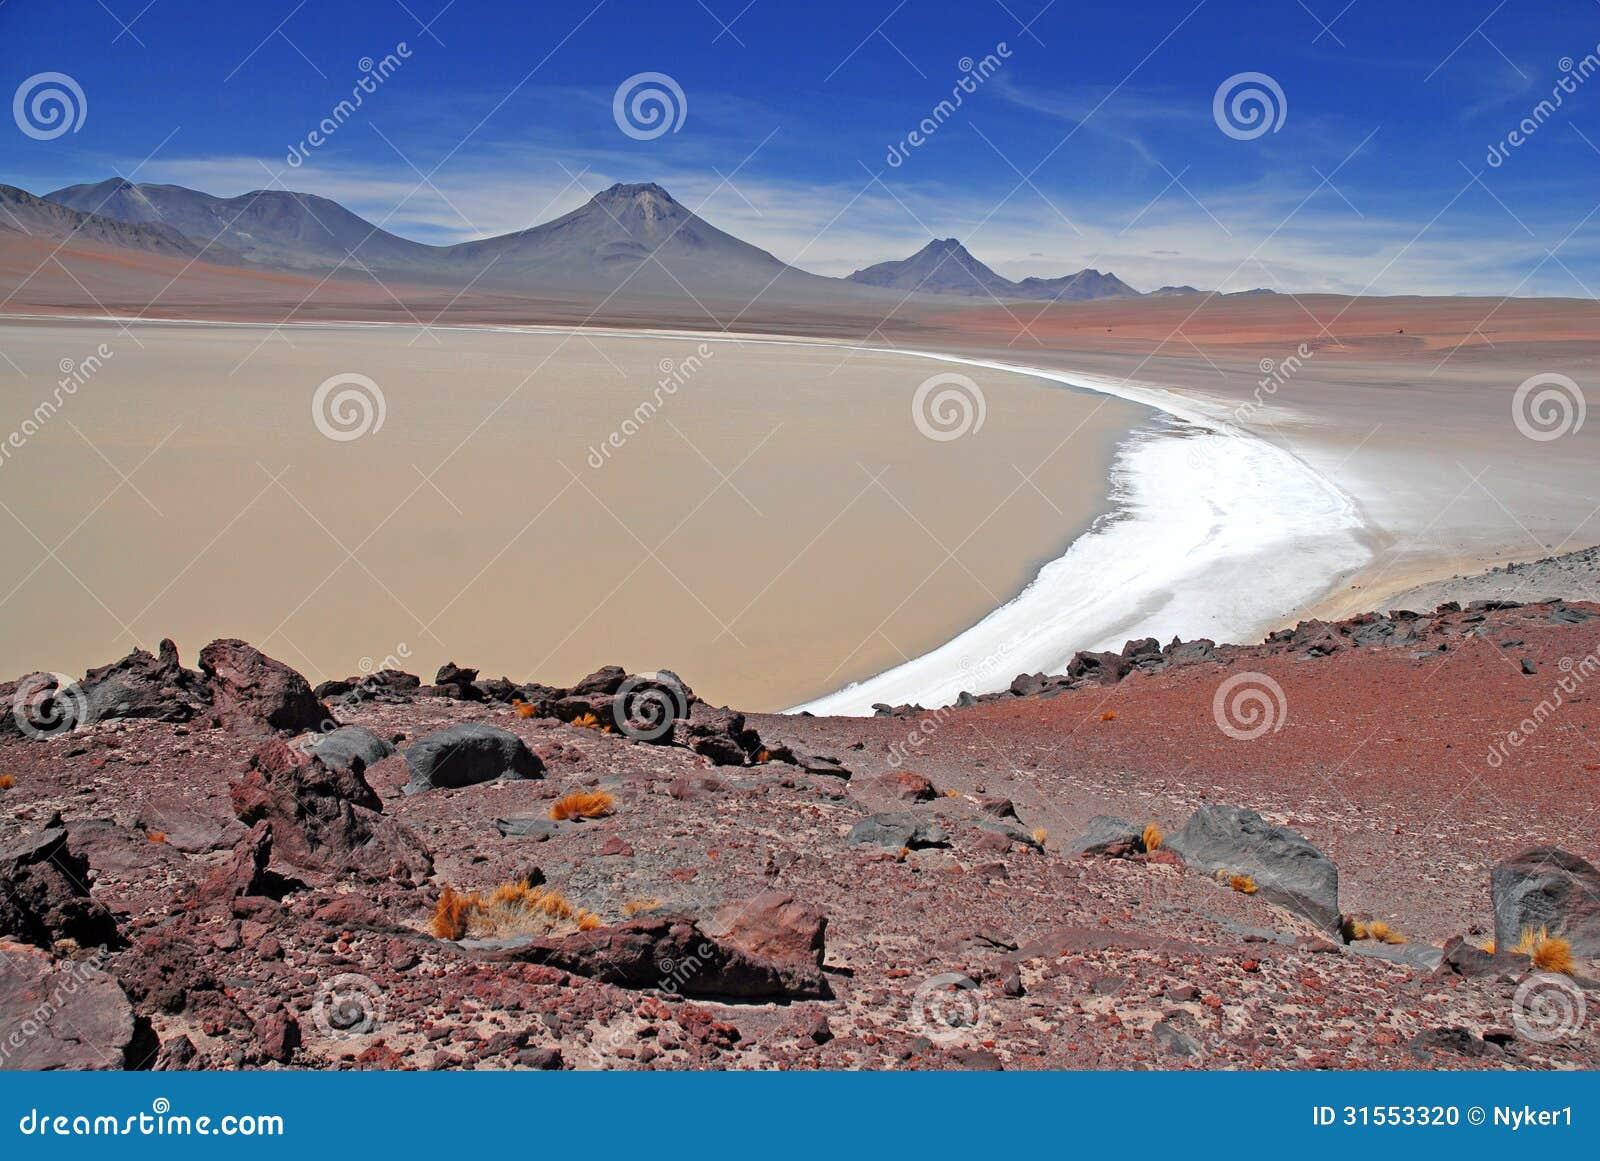 Lascar Volcano, Atacama Chile